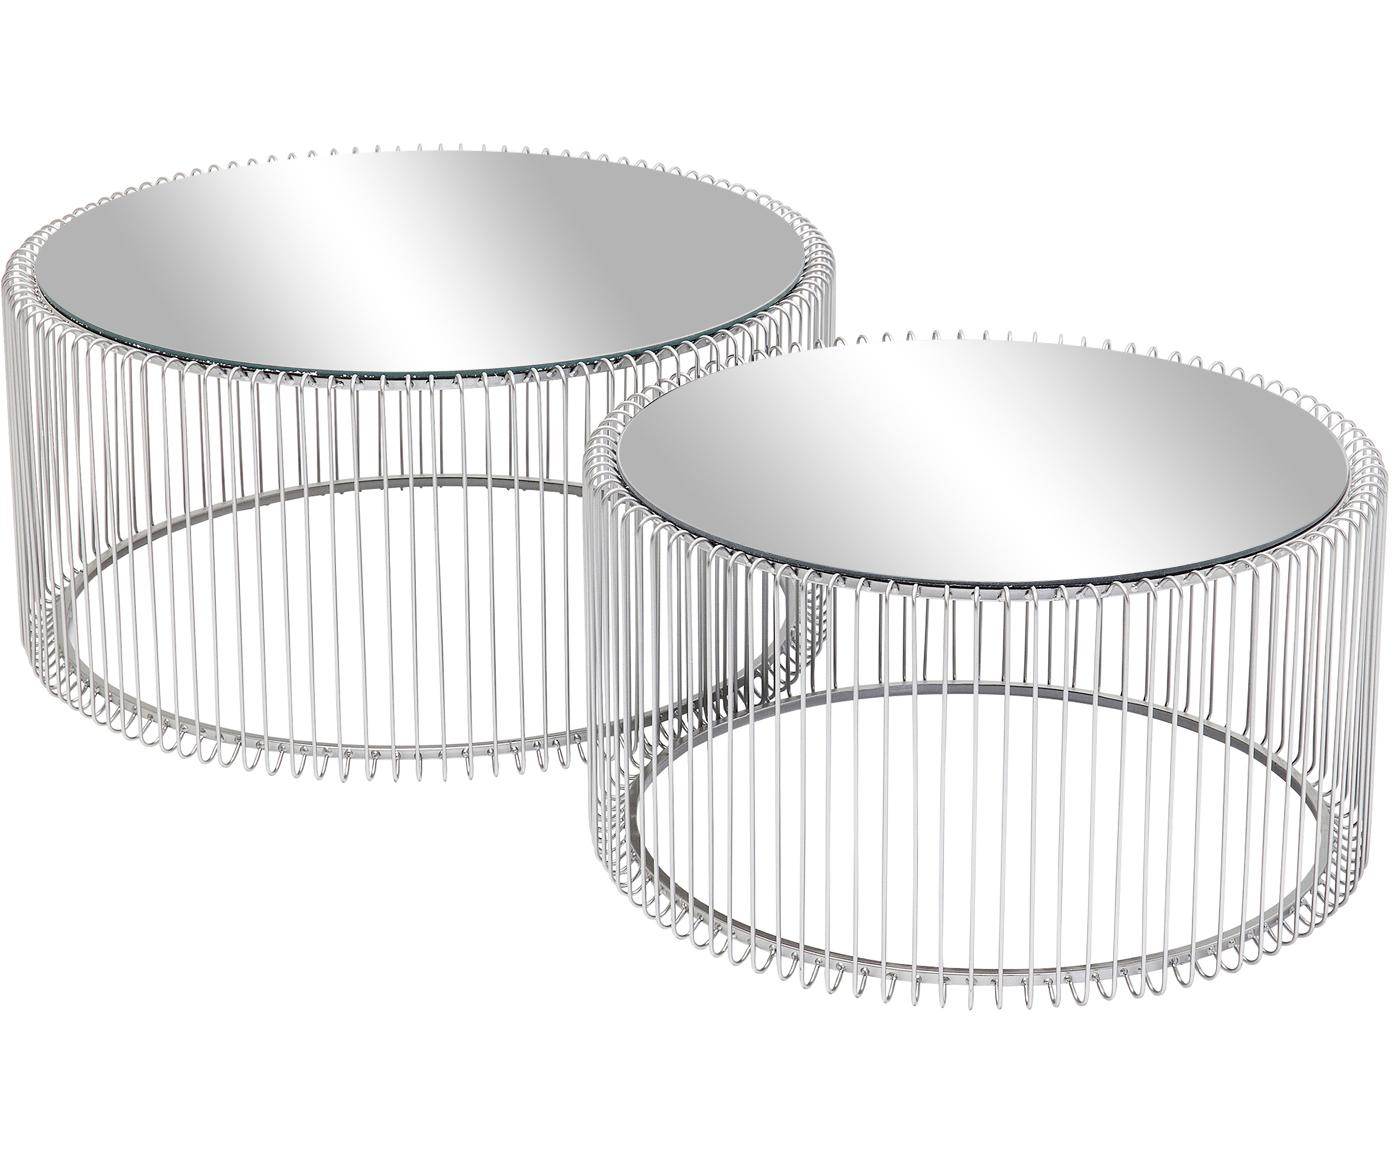 Metalen salontafel 2-delig Wire met glasplaat, Tafelblad: glas, gespiegeld, Frame: gepoedercoat metaal, Chroomkleurig, Verschillende formaten